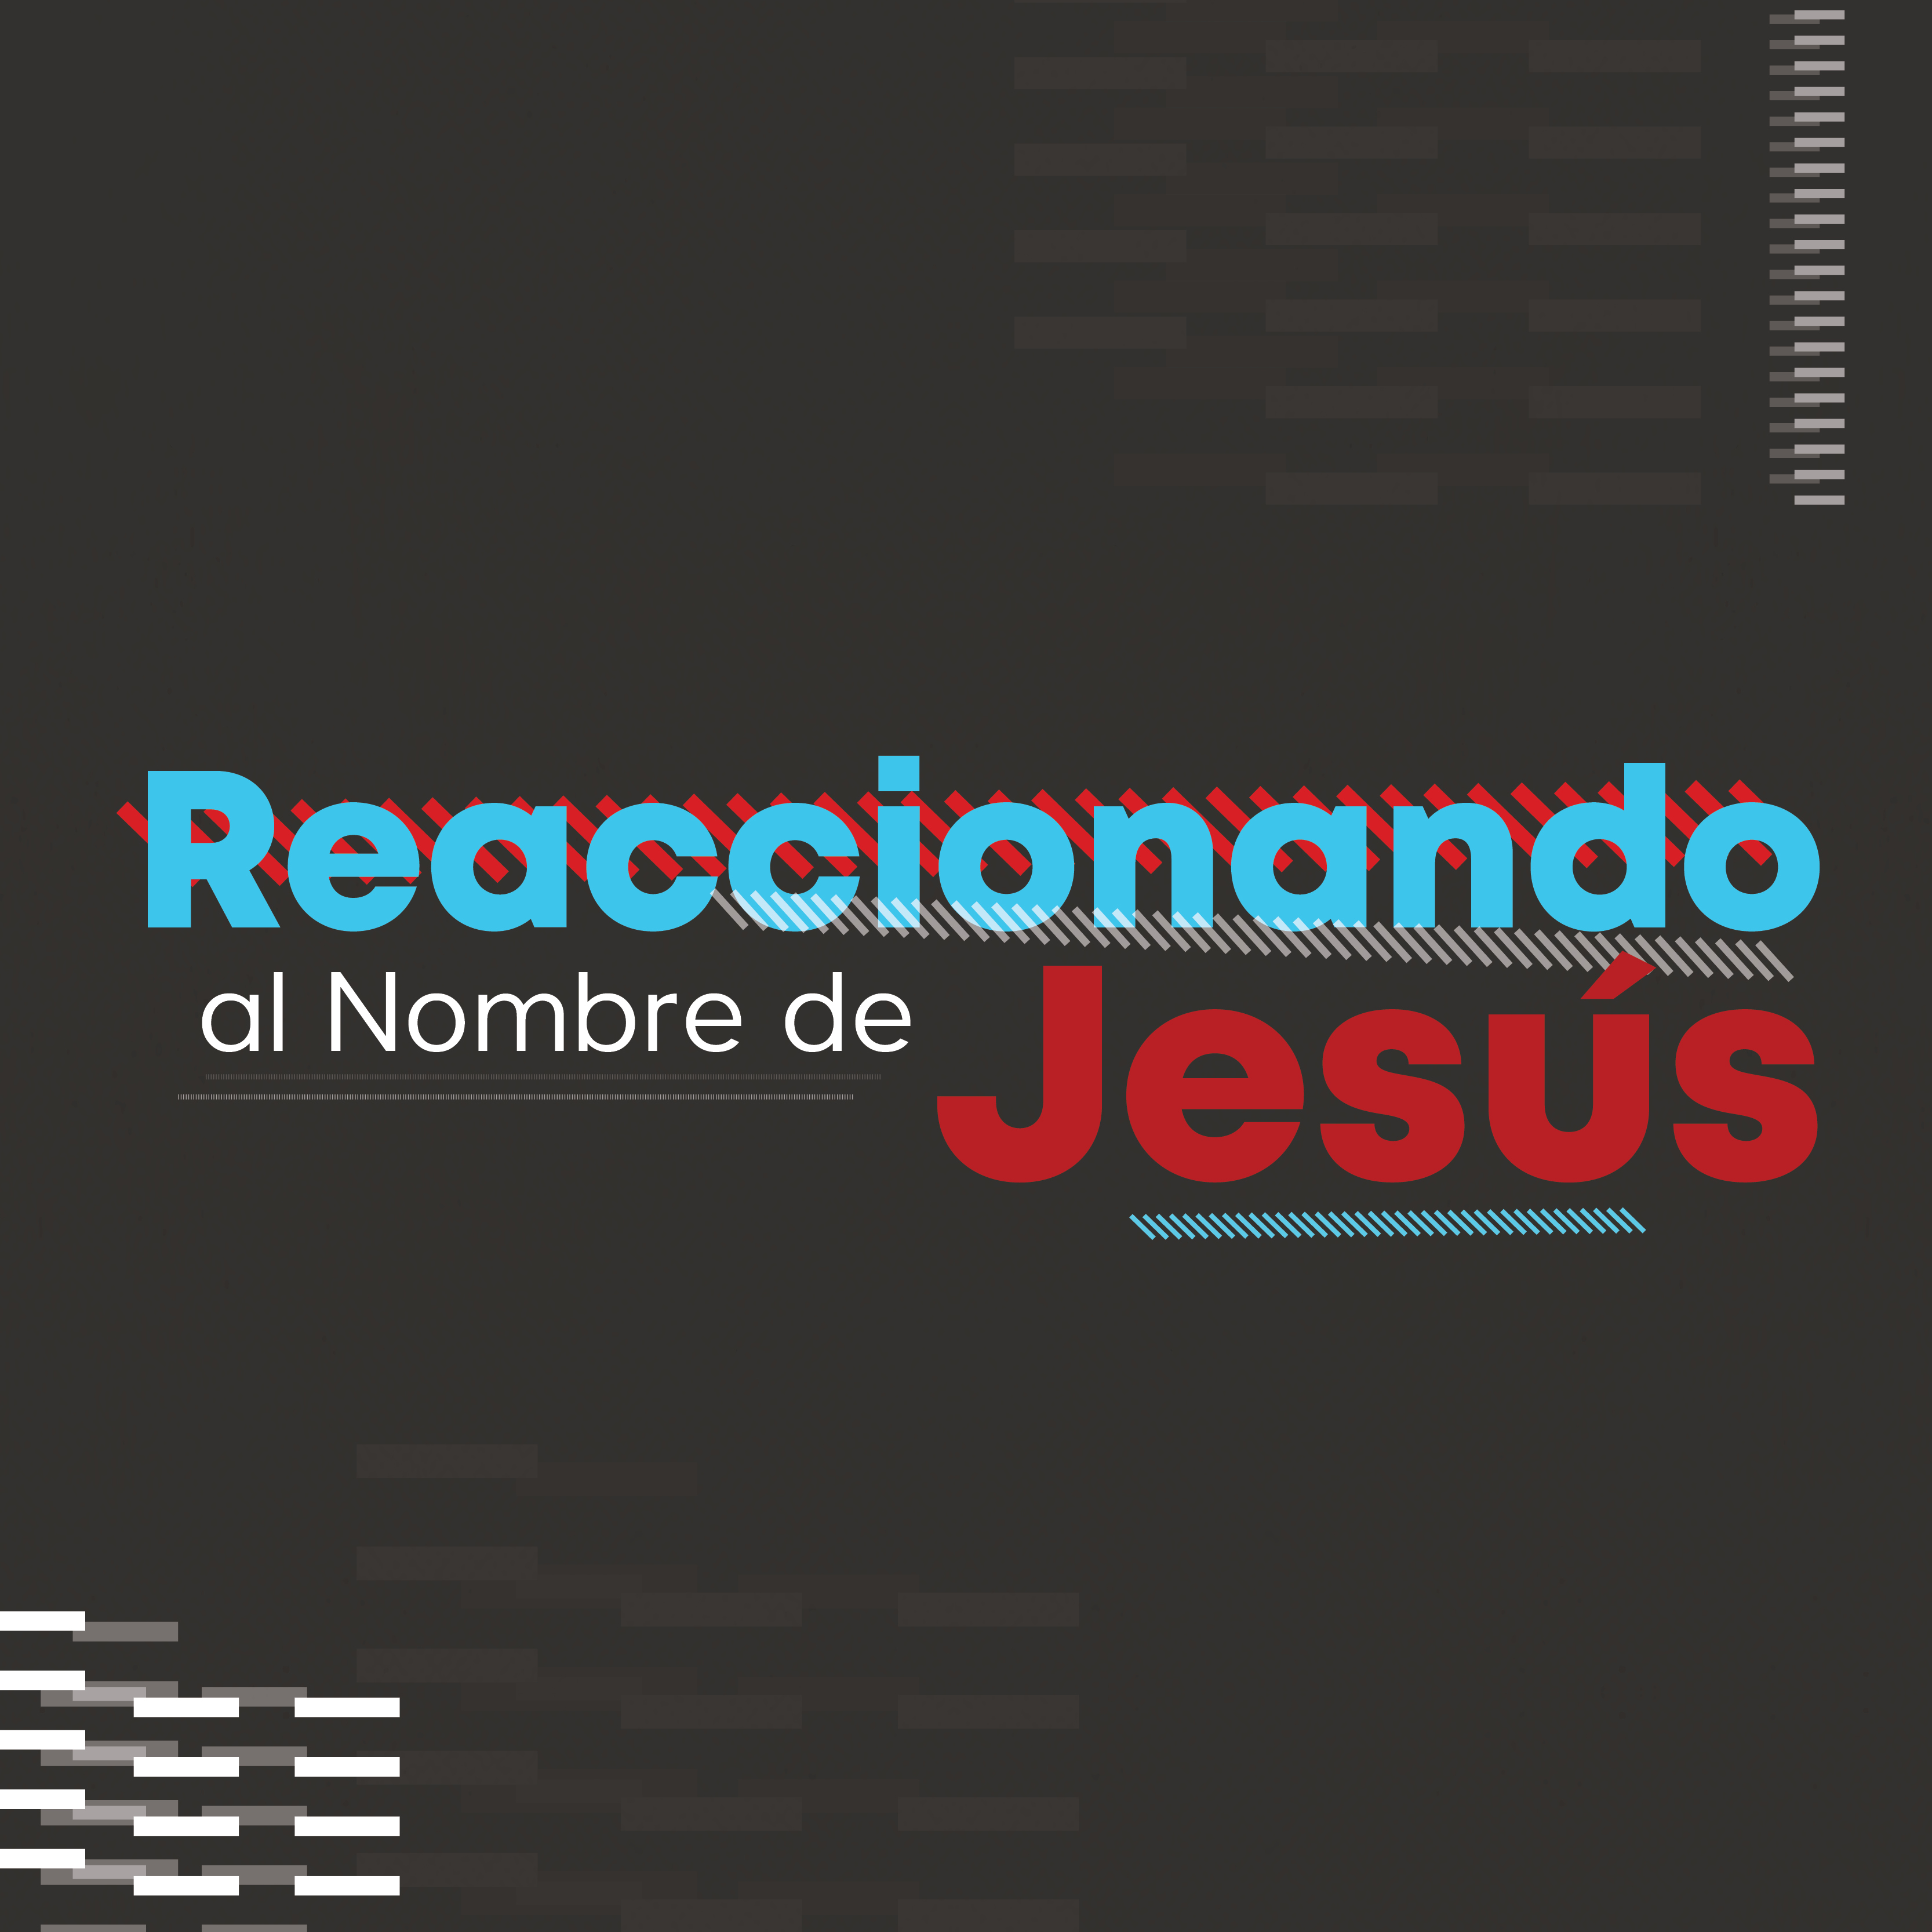 Reaccionando al Nombre de Jesús WEB.jpg